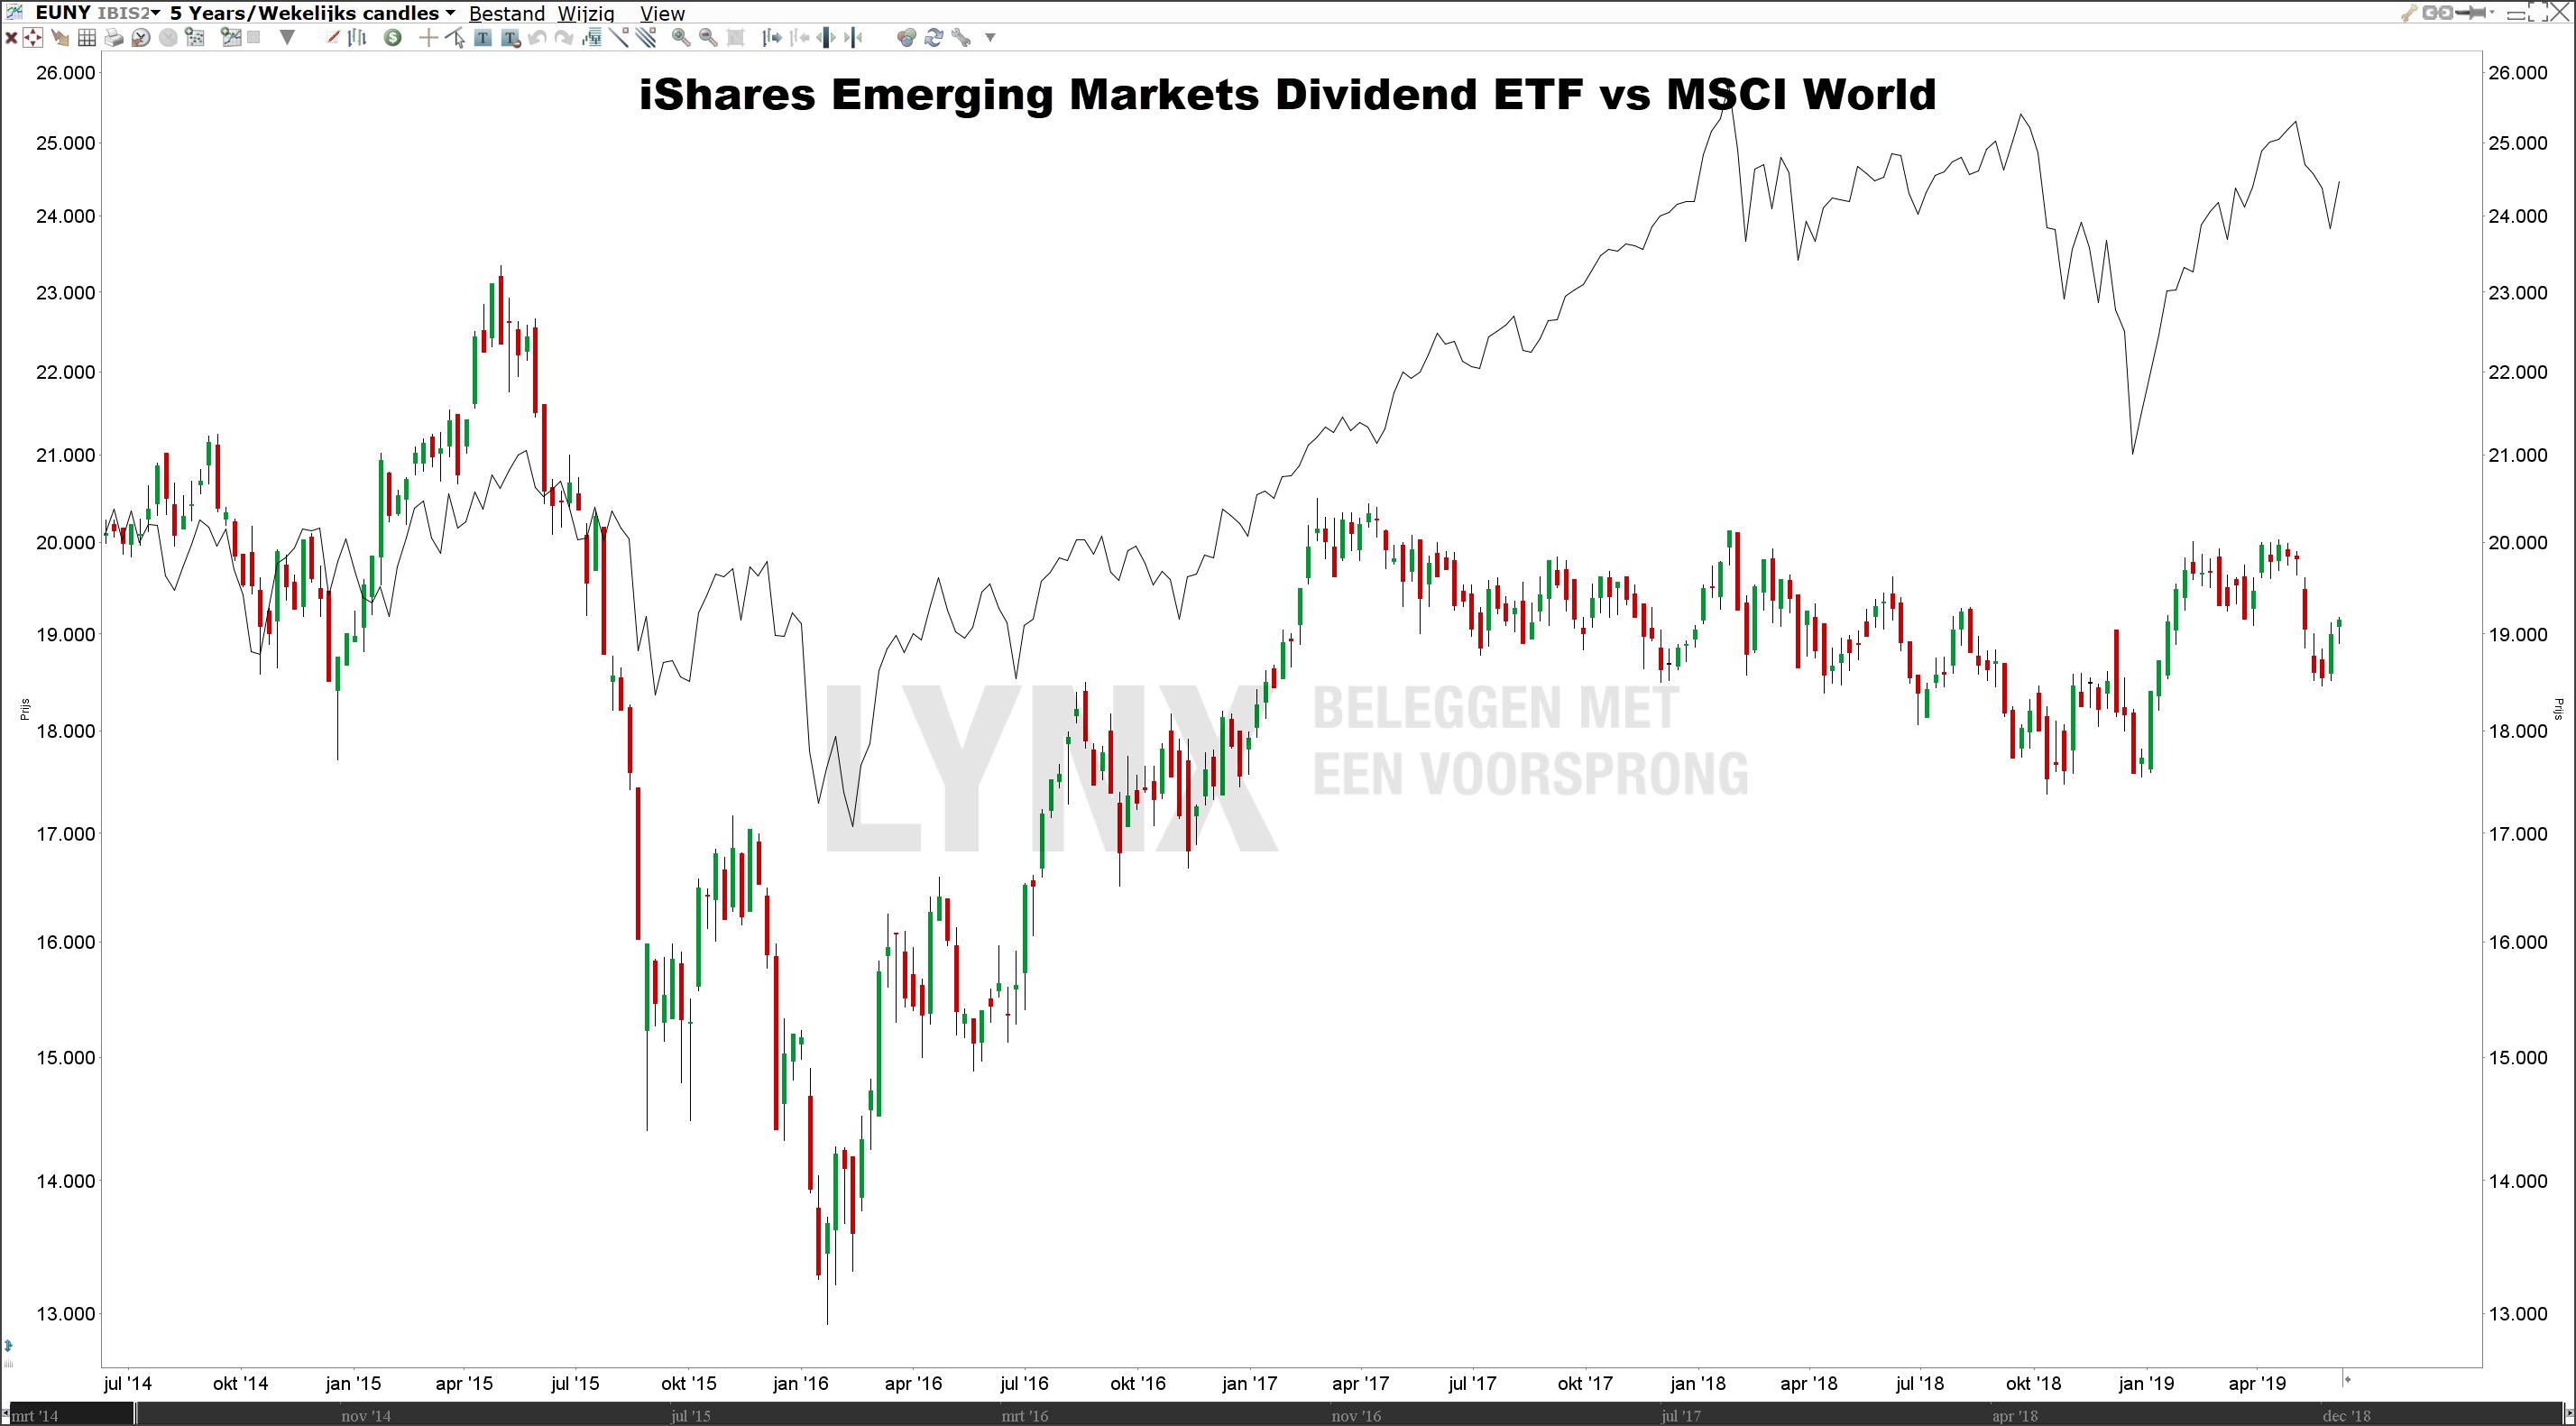 Beste dividend ETF iShares Emerging Markets Dividend ETF